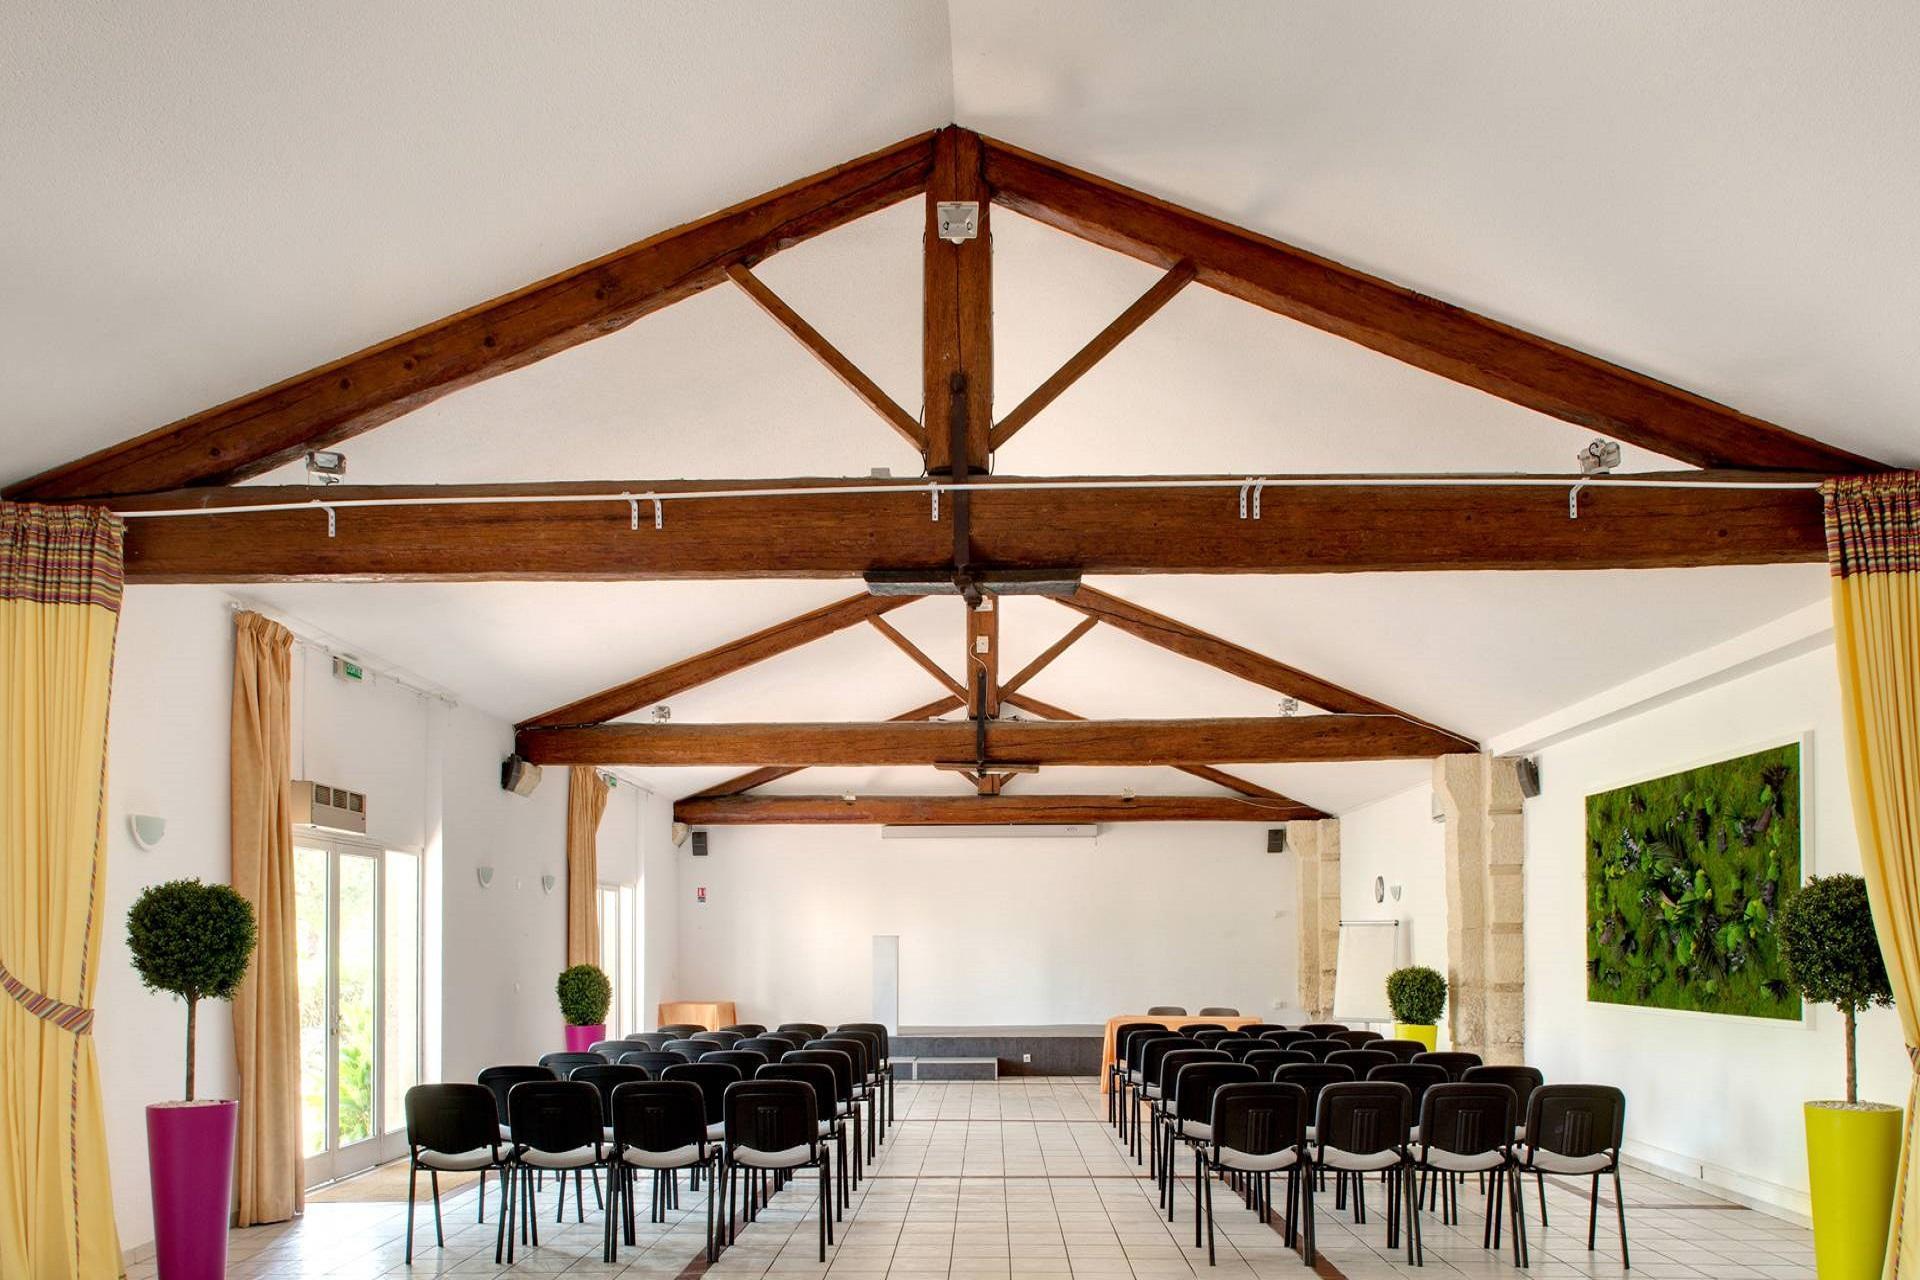 domaine-de-massane-montpellier-occitanie-seminaires-de-caractere-reunions